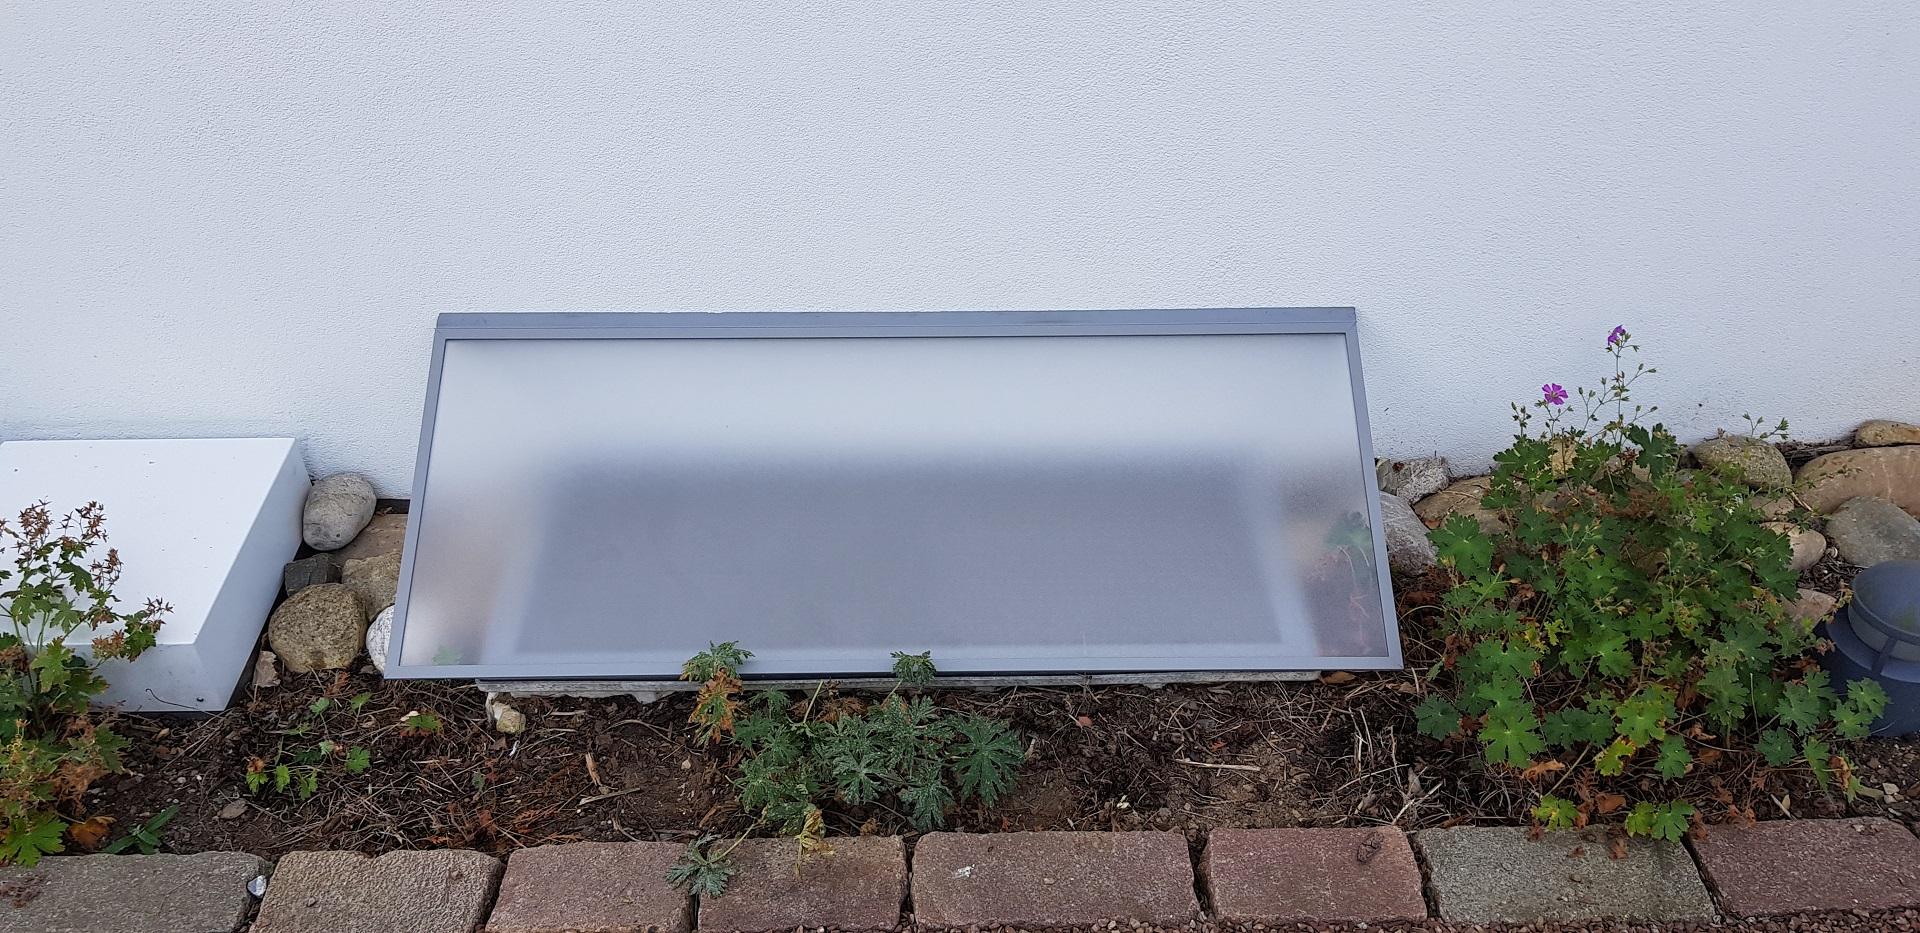 Lichtschachtabdeckung Regenschutz auf Maß produziert   fliegengittermacher.de